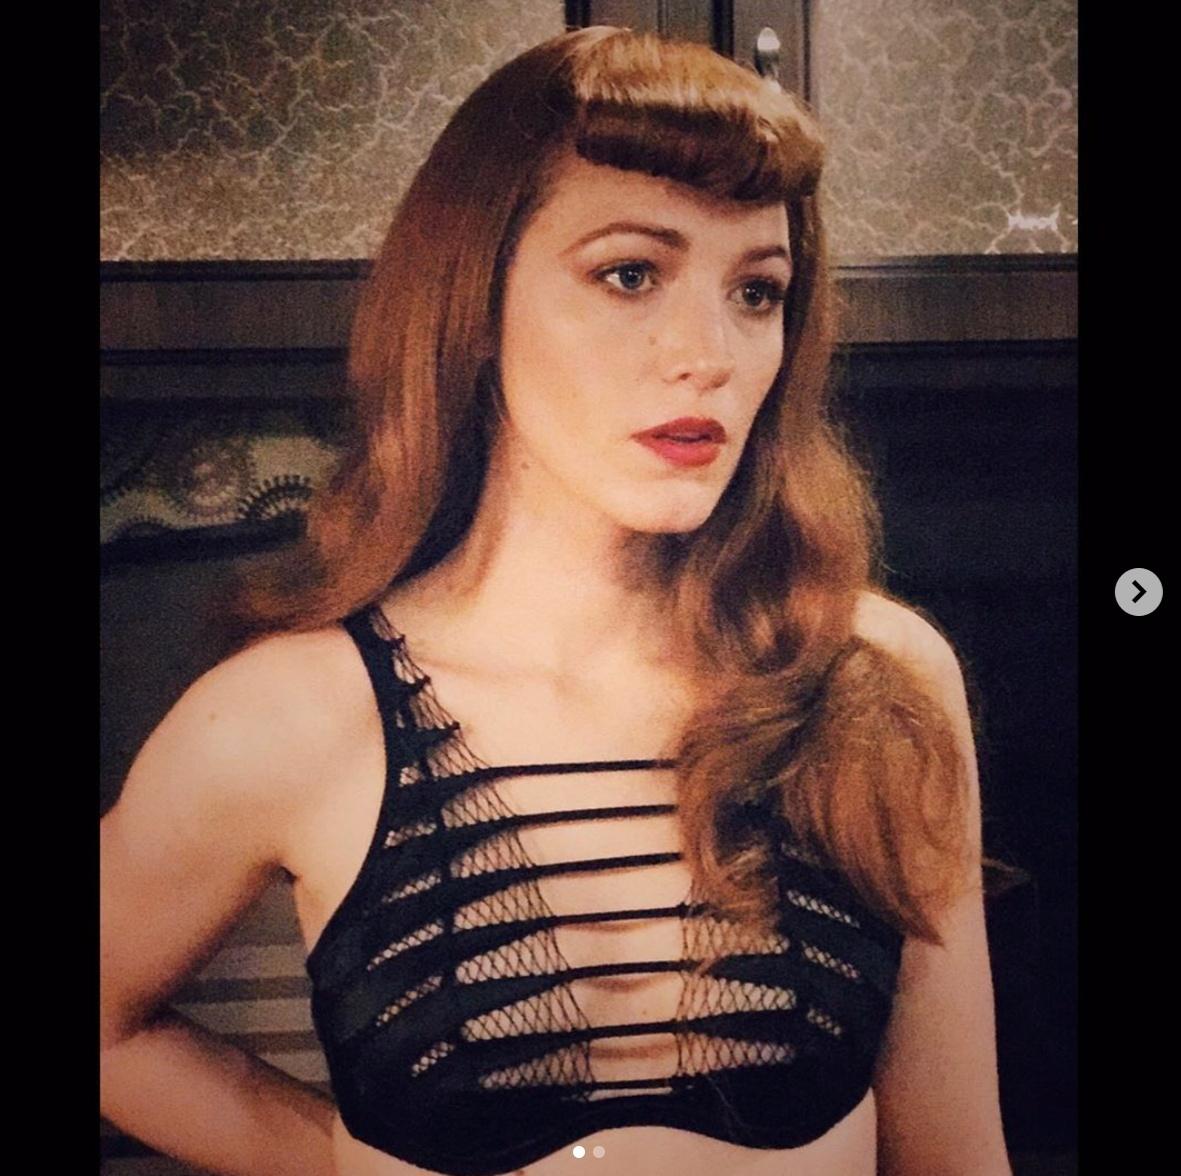 映画ではセクシーなランジェリー姿も披露。